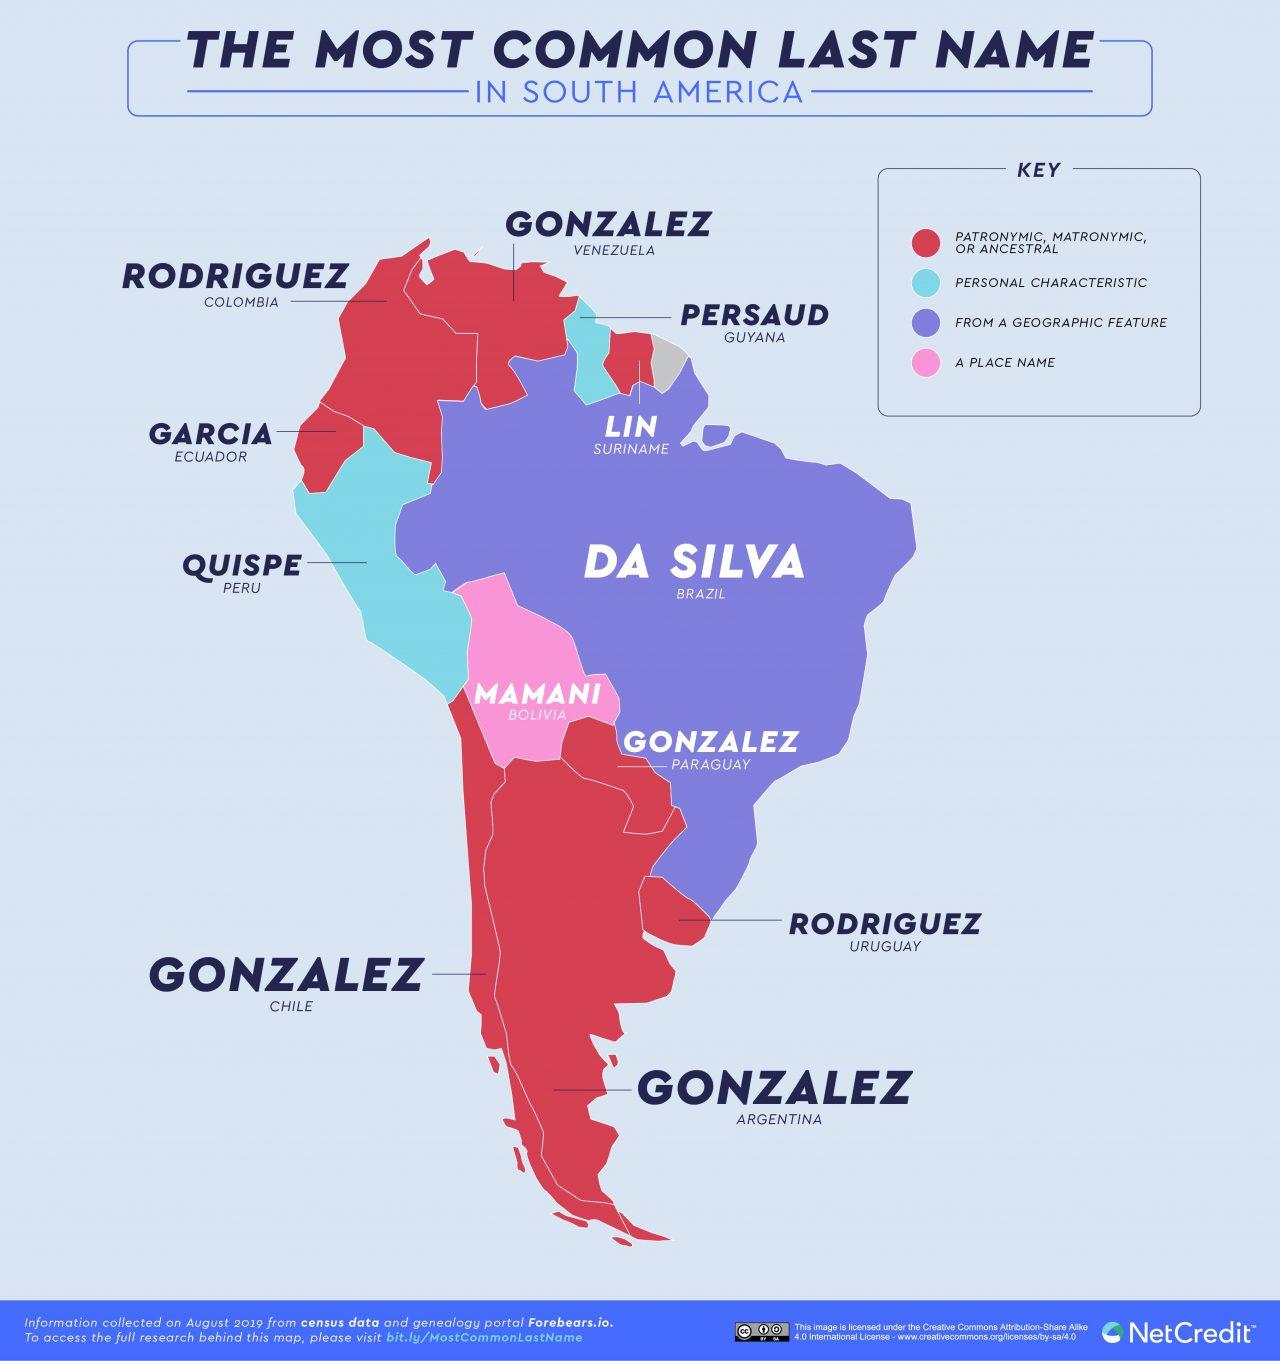 Los apellidos más comunes en el mundo